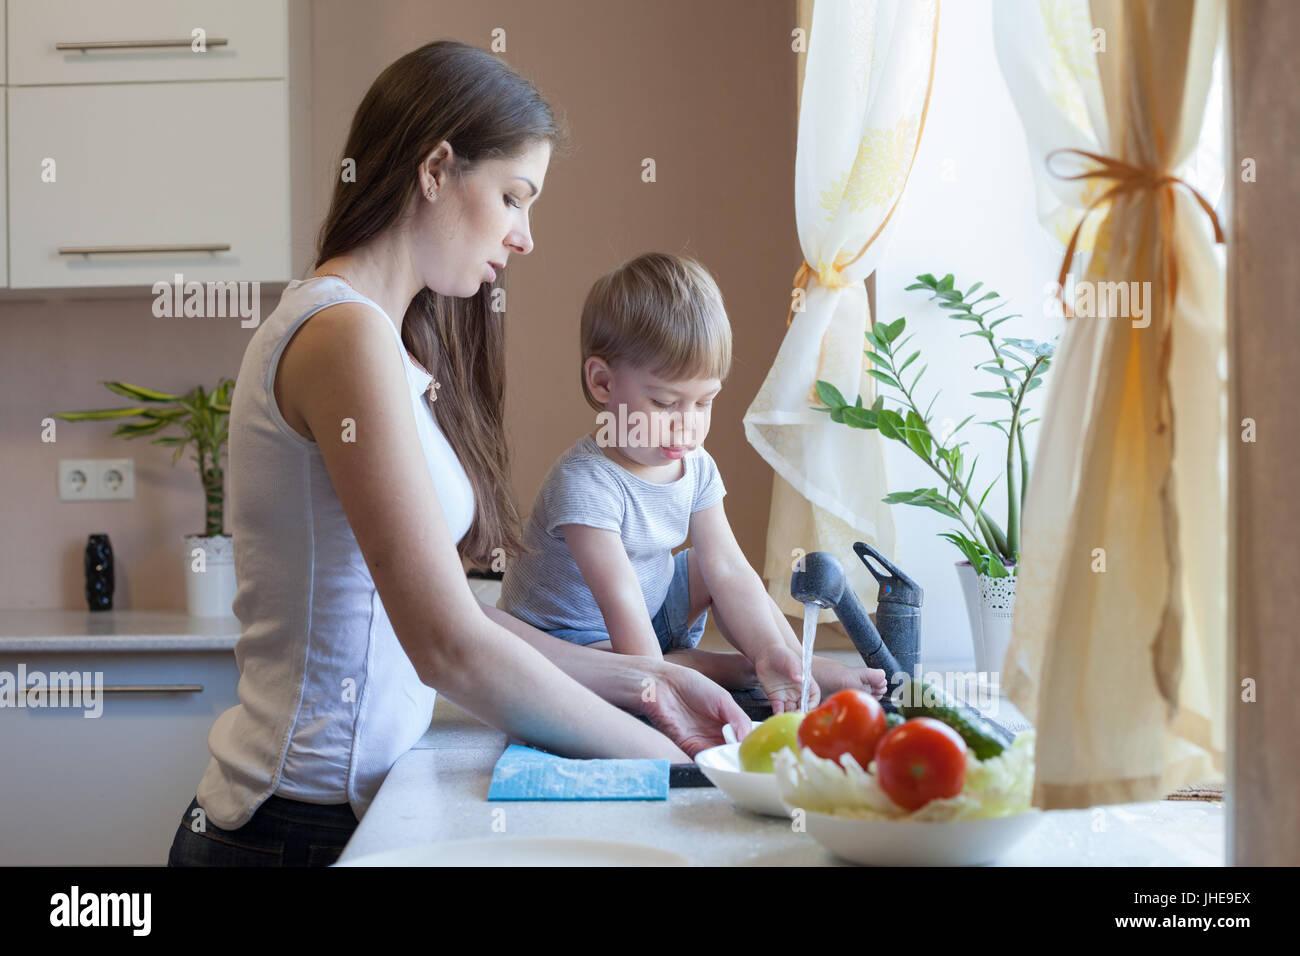 Cucina mamma figlio lavare frutta e verdura Immagini Stock